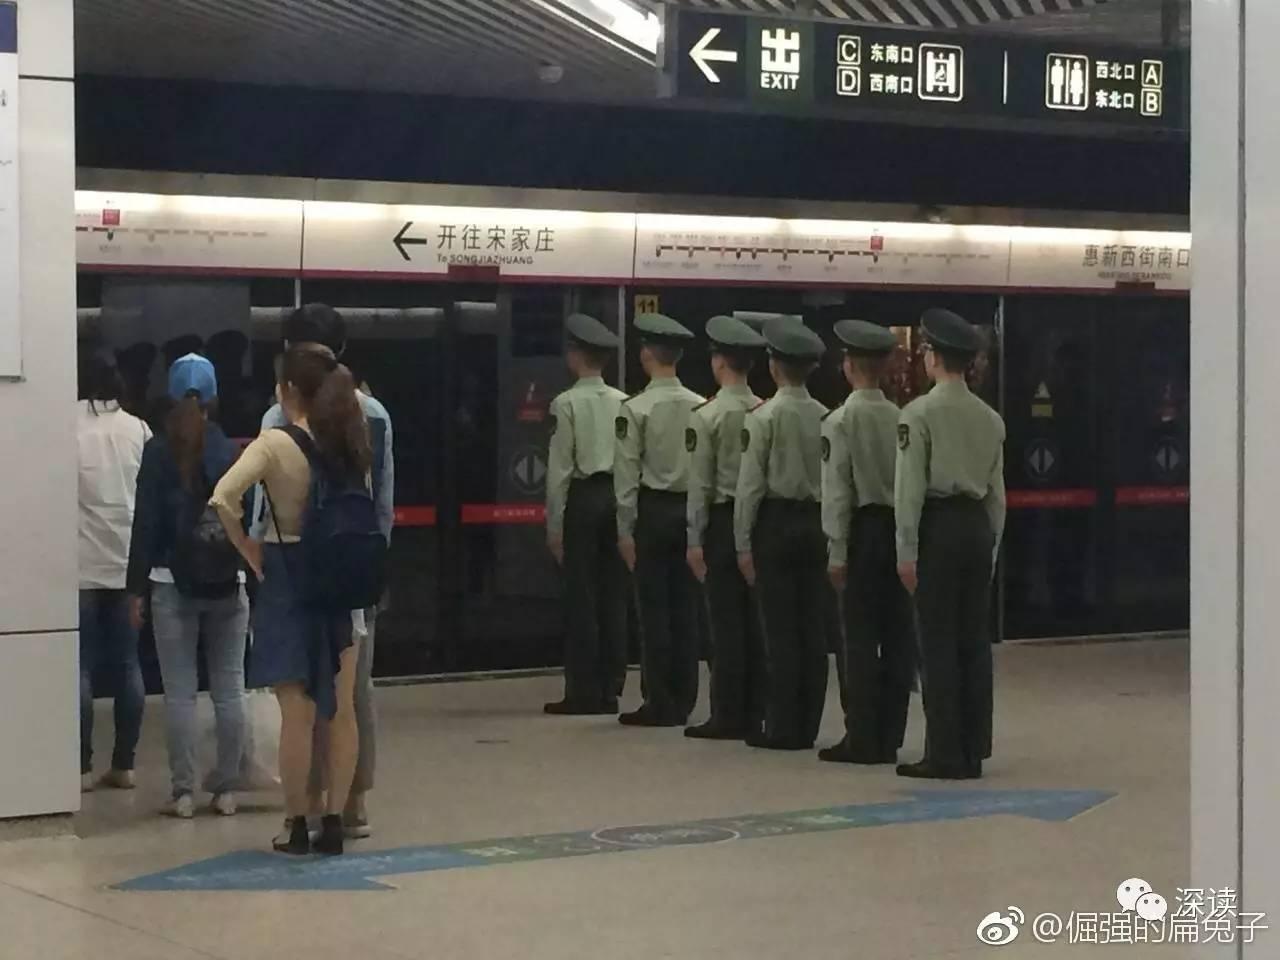 图为网友在惠新西街南口站拍到的另一张武警列队候车的照片